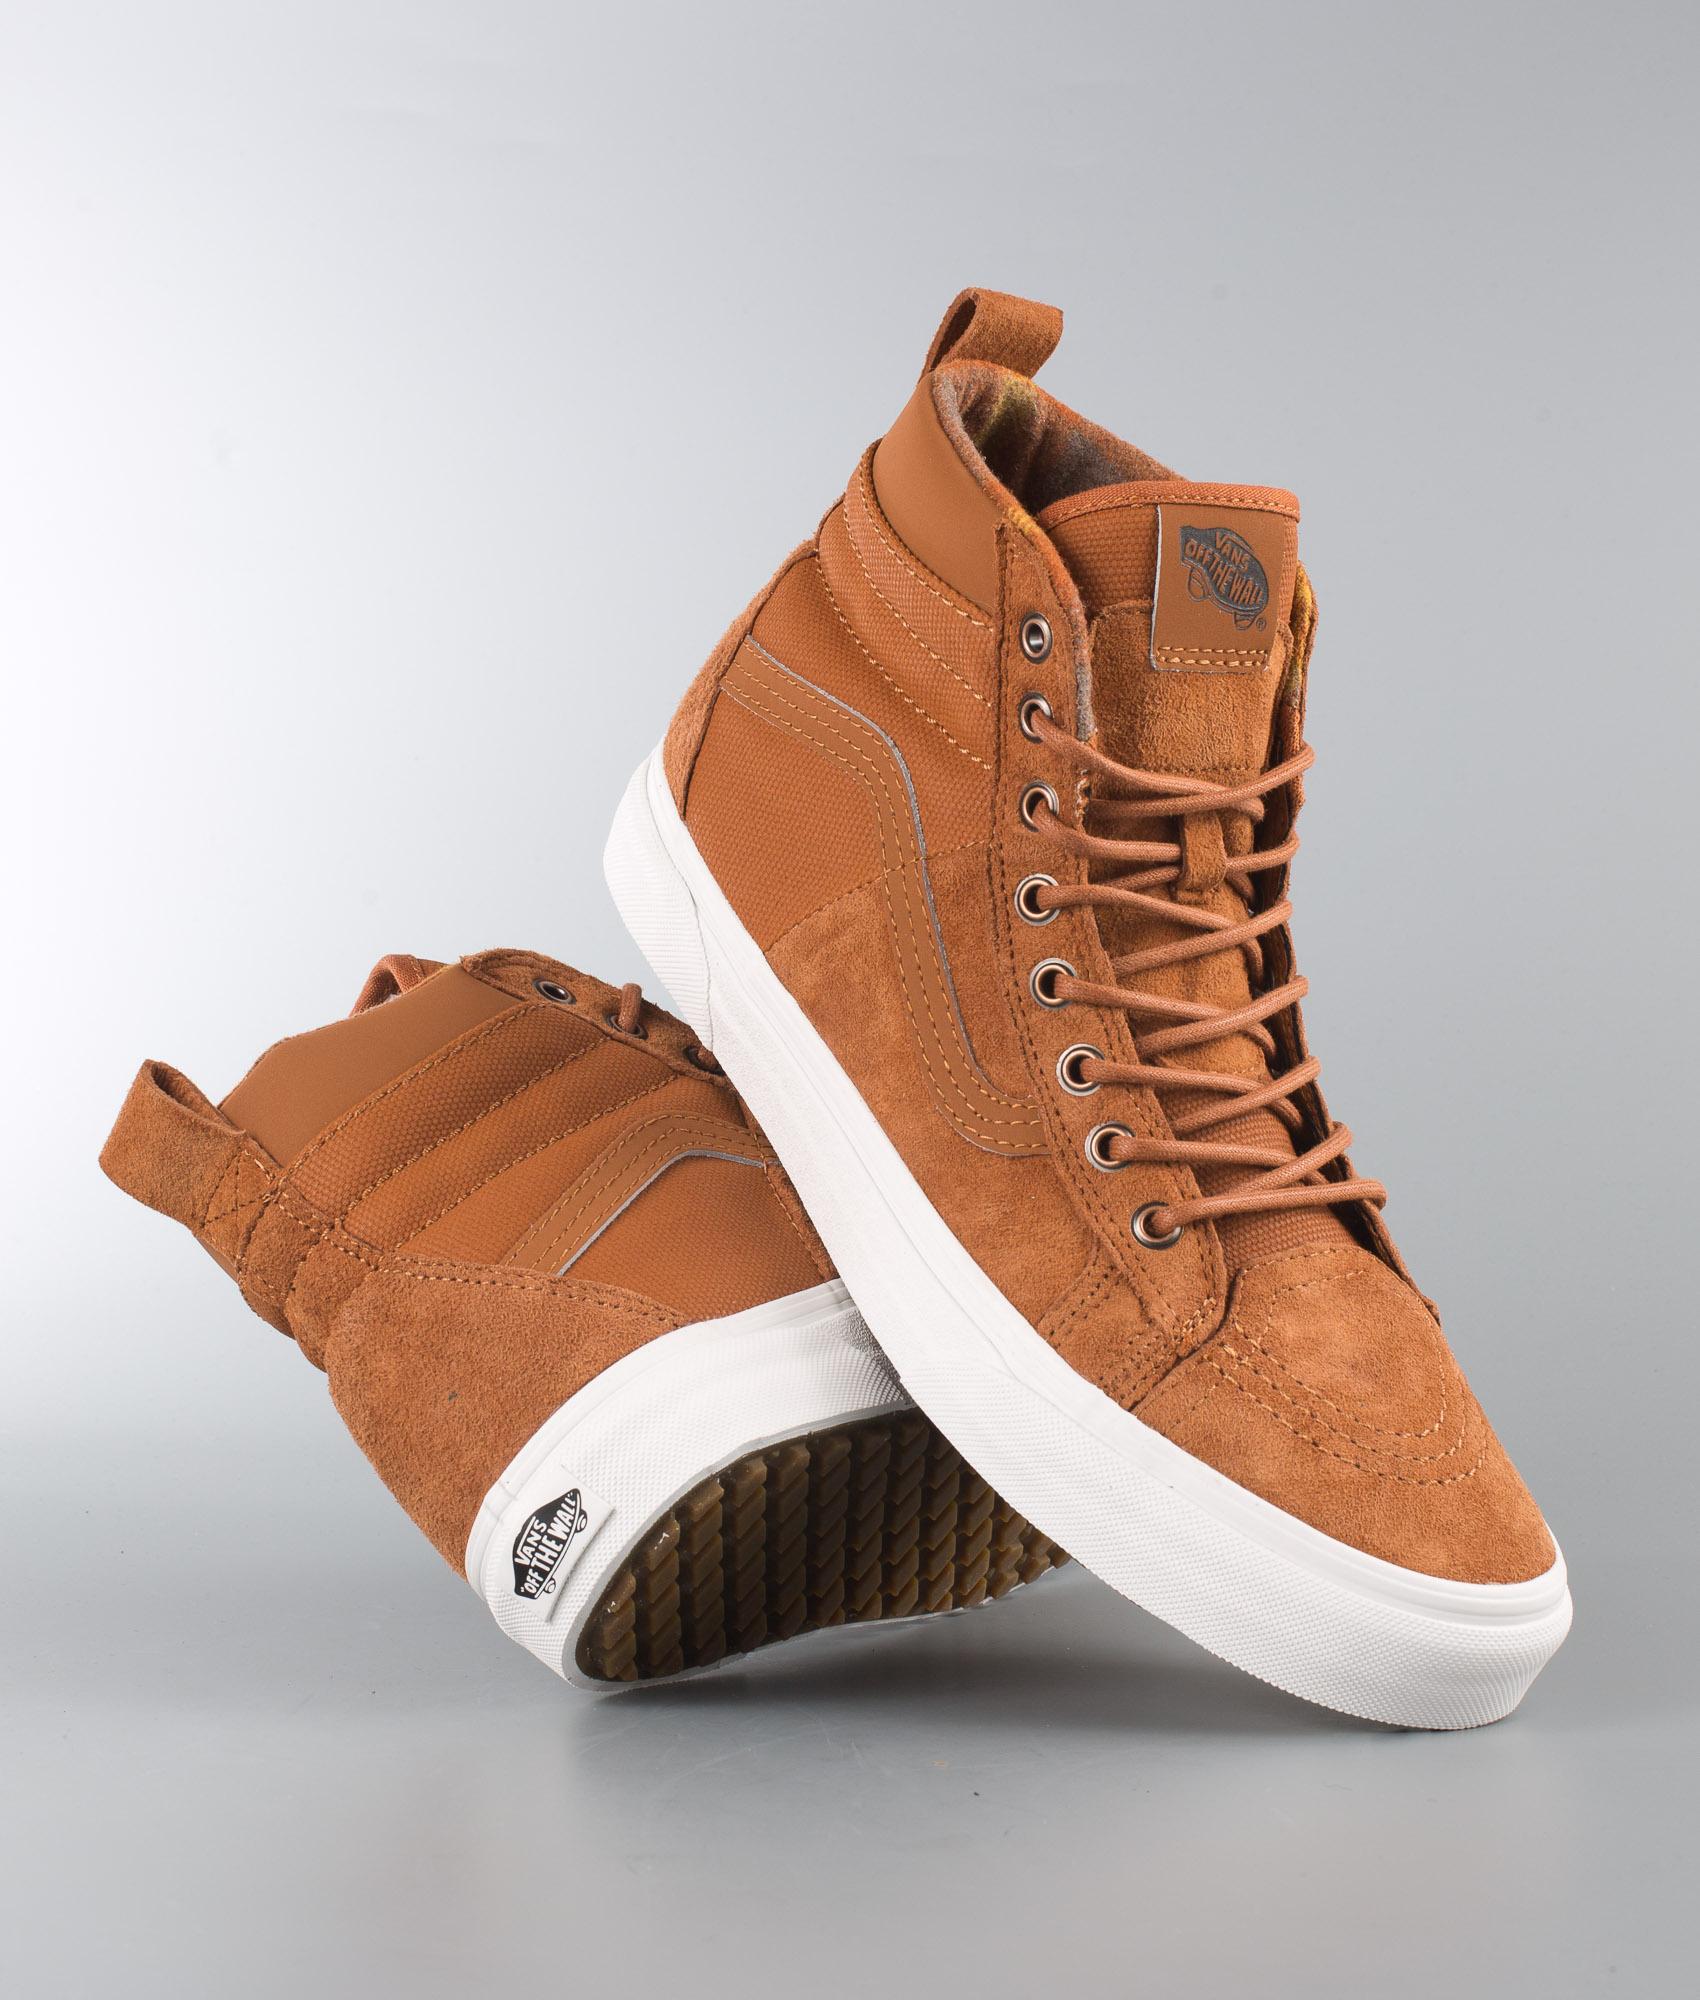 mte Hi Shoes Sk8 Mte Gingerflannel Dx 46 Vans Glazed Bgw6UzqYY